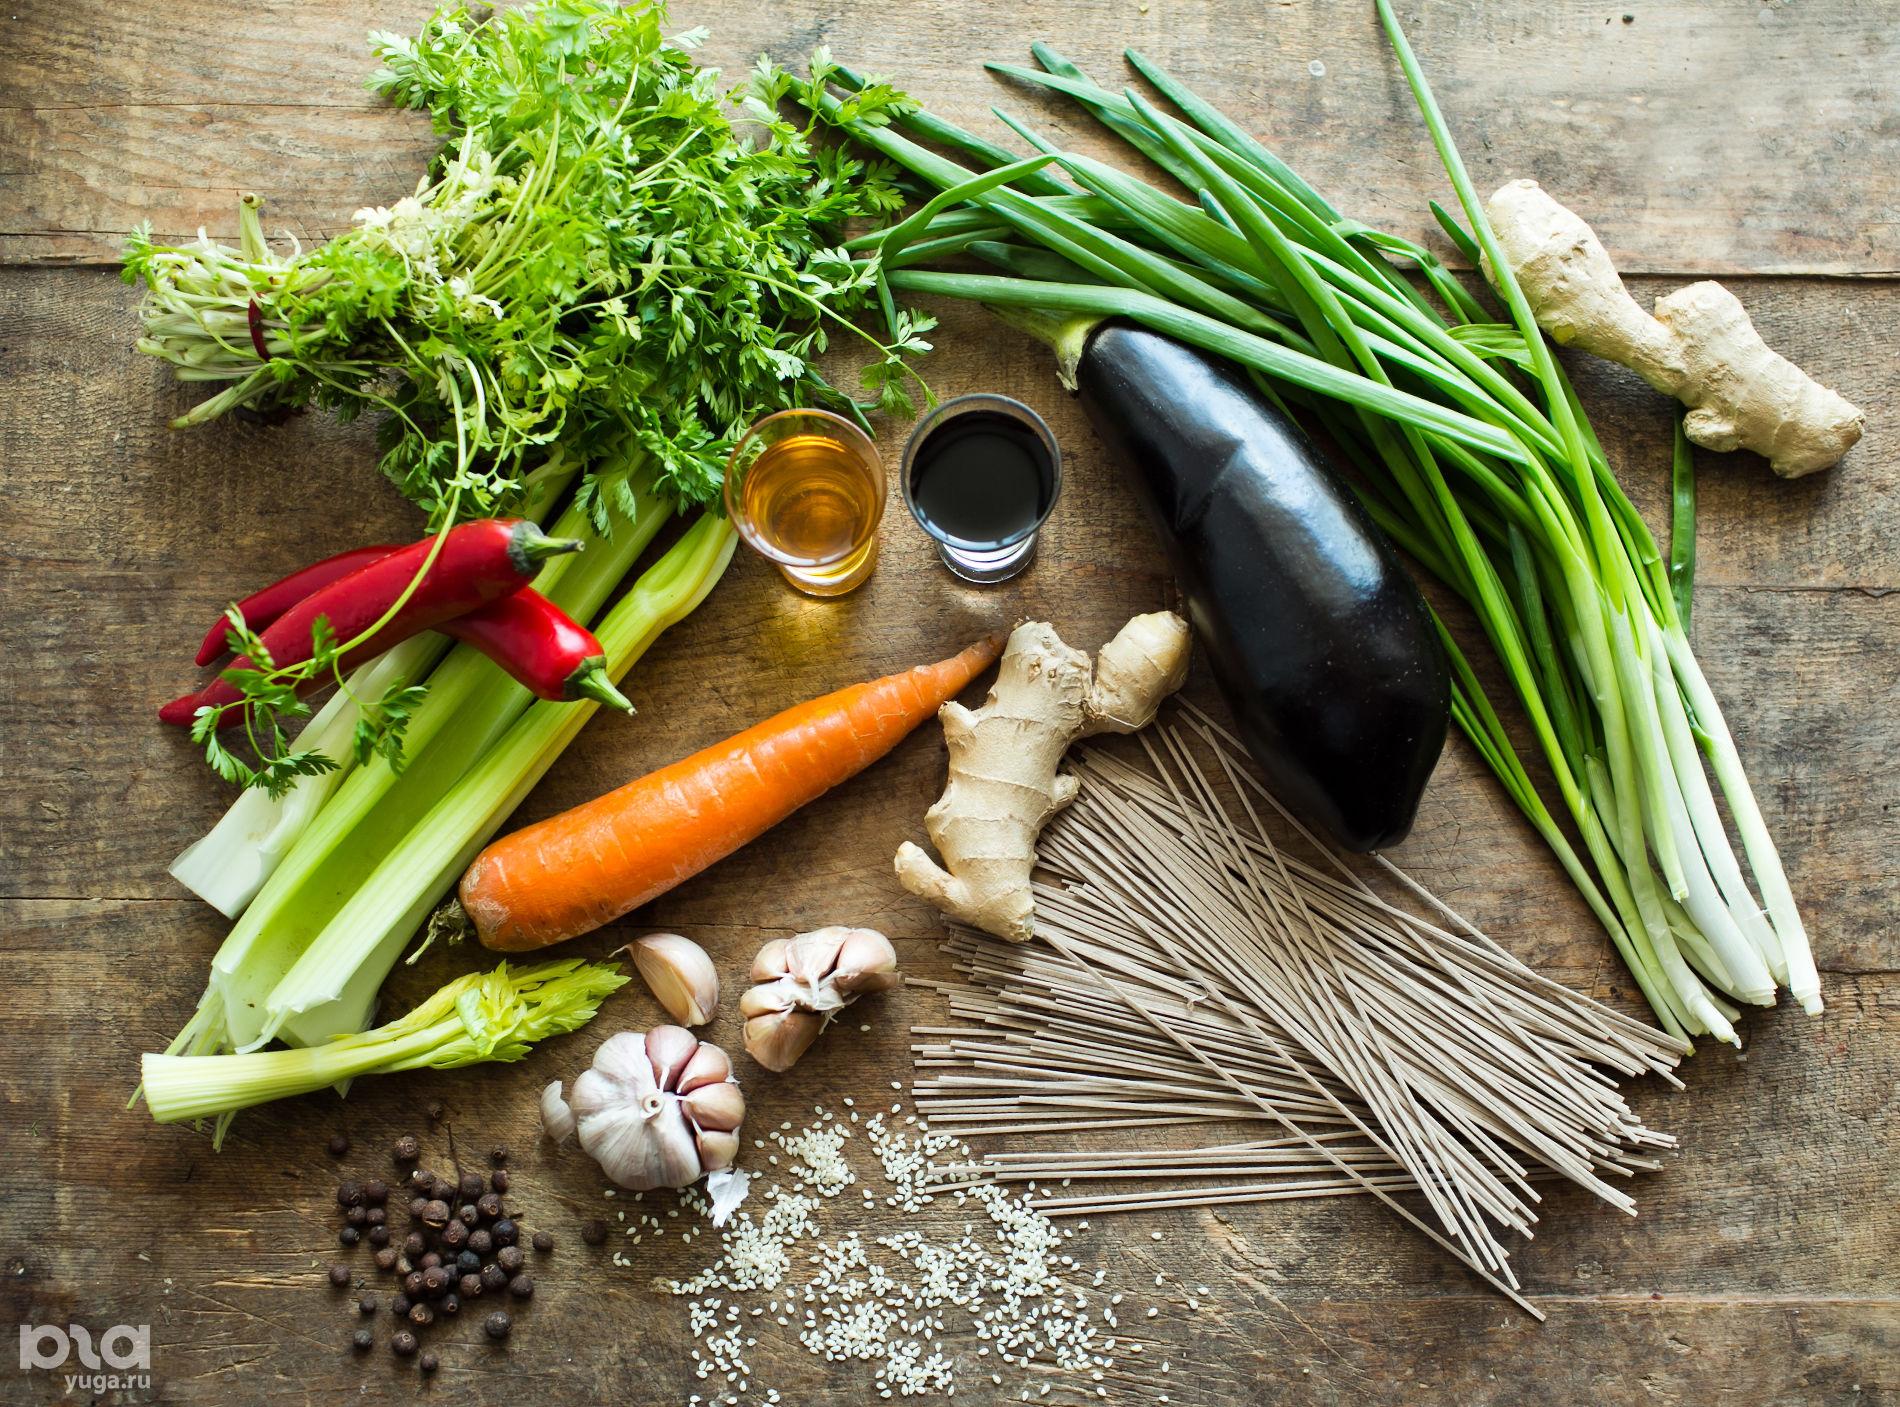 Ингредиенты для приготовления гречневой лапши с овощами ©Фото Анны Голубцовой